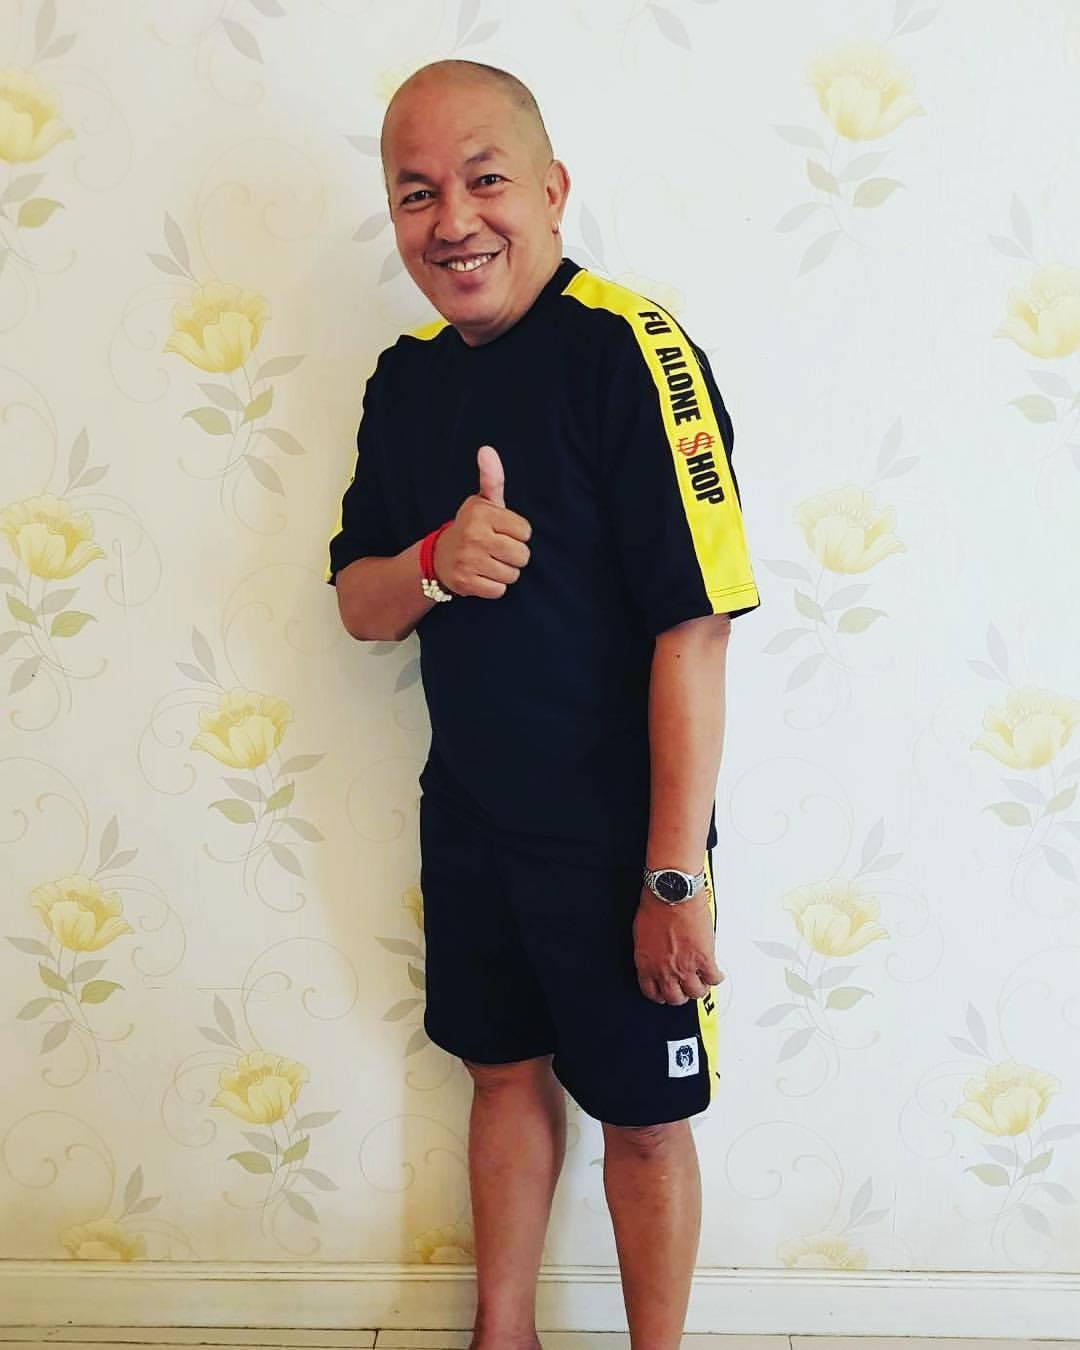 หนุ่ม กรรชัย ขอบคุณภาพจากไอจี @kanchai